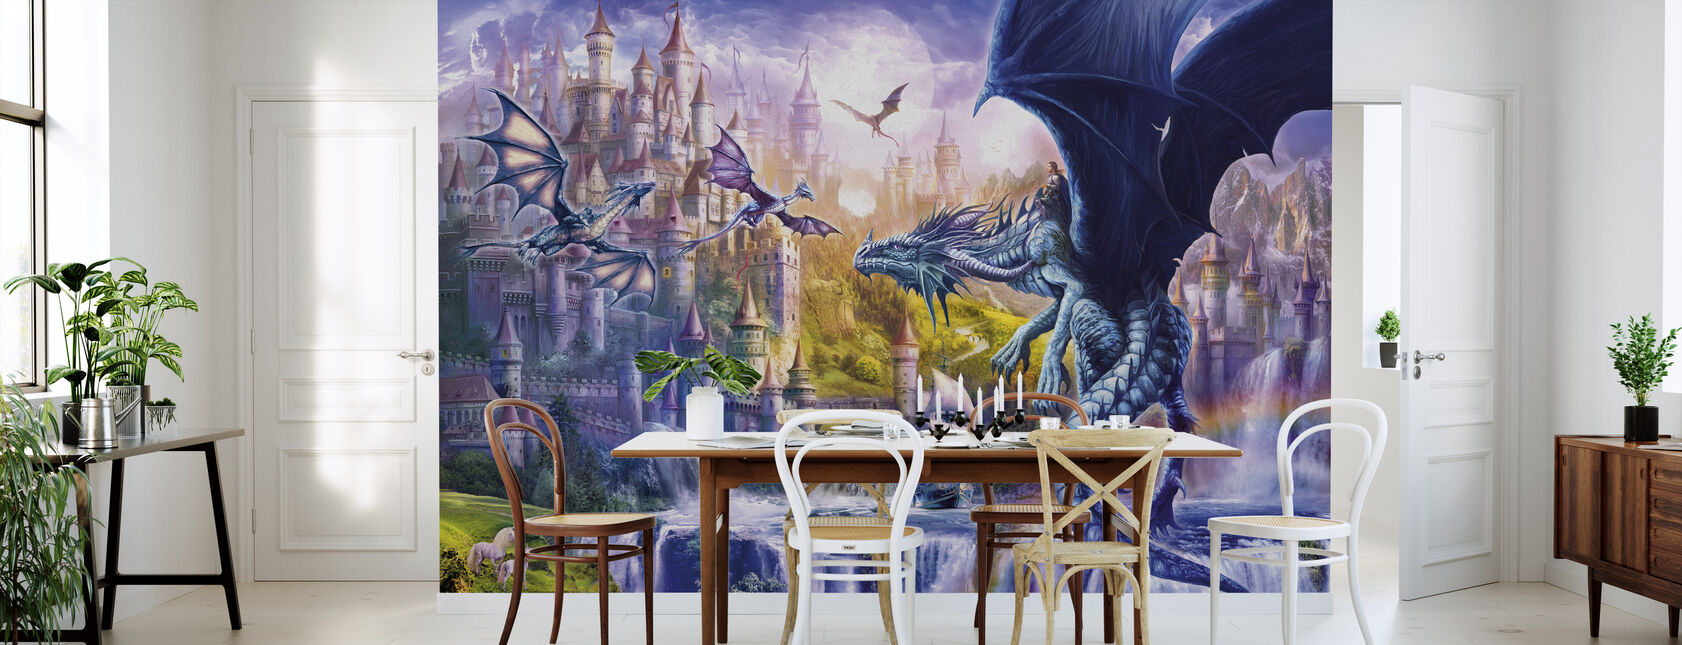 Dragon Castle - Wallpaper - Kitchen